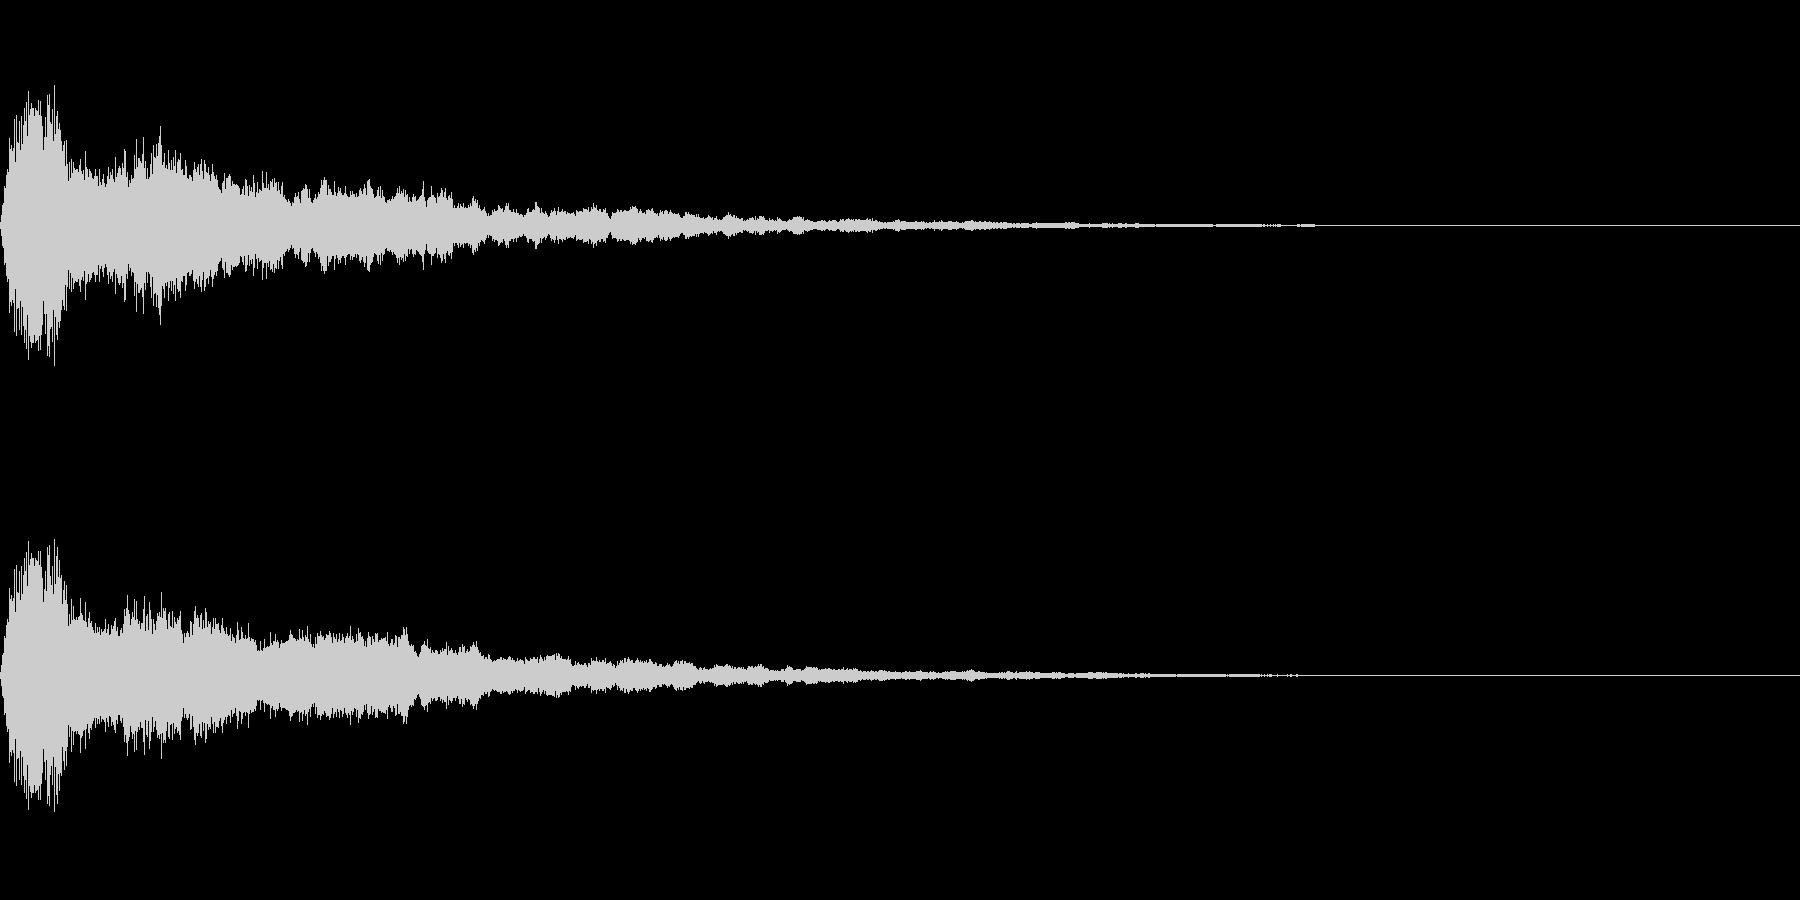 鈴をイメージしたアラーム音(エコー付き)の未再生の波形